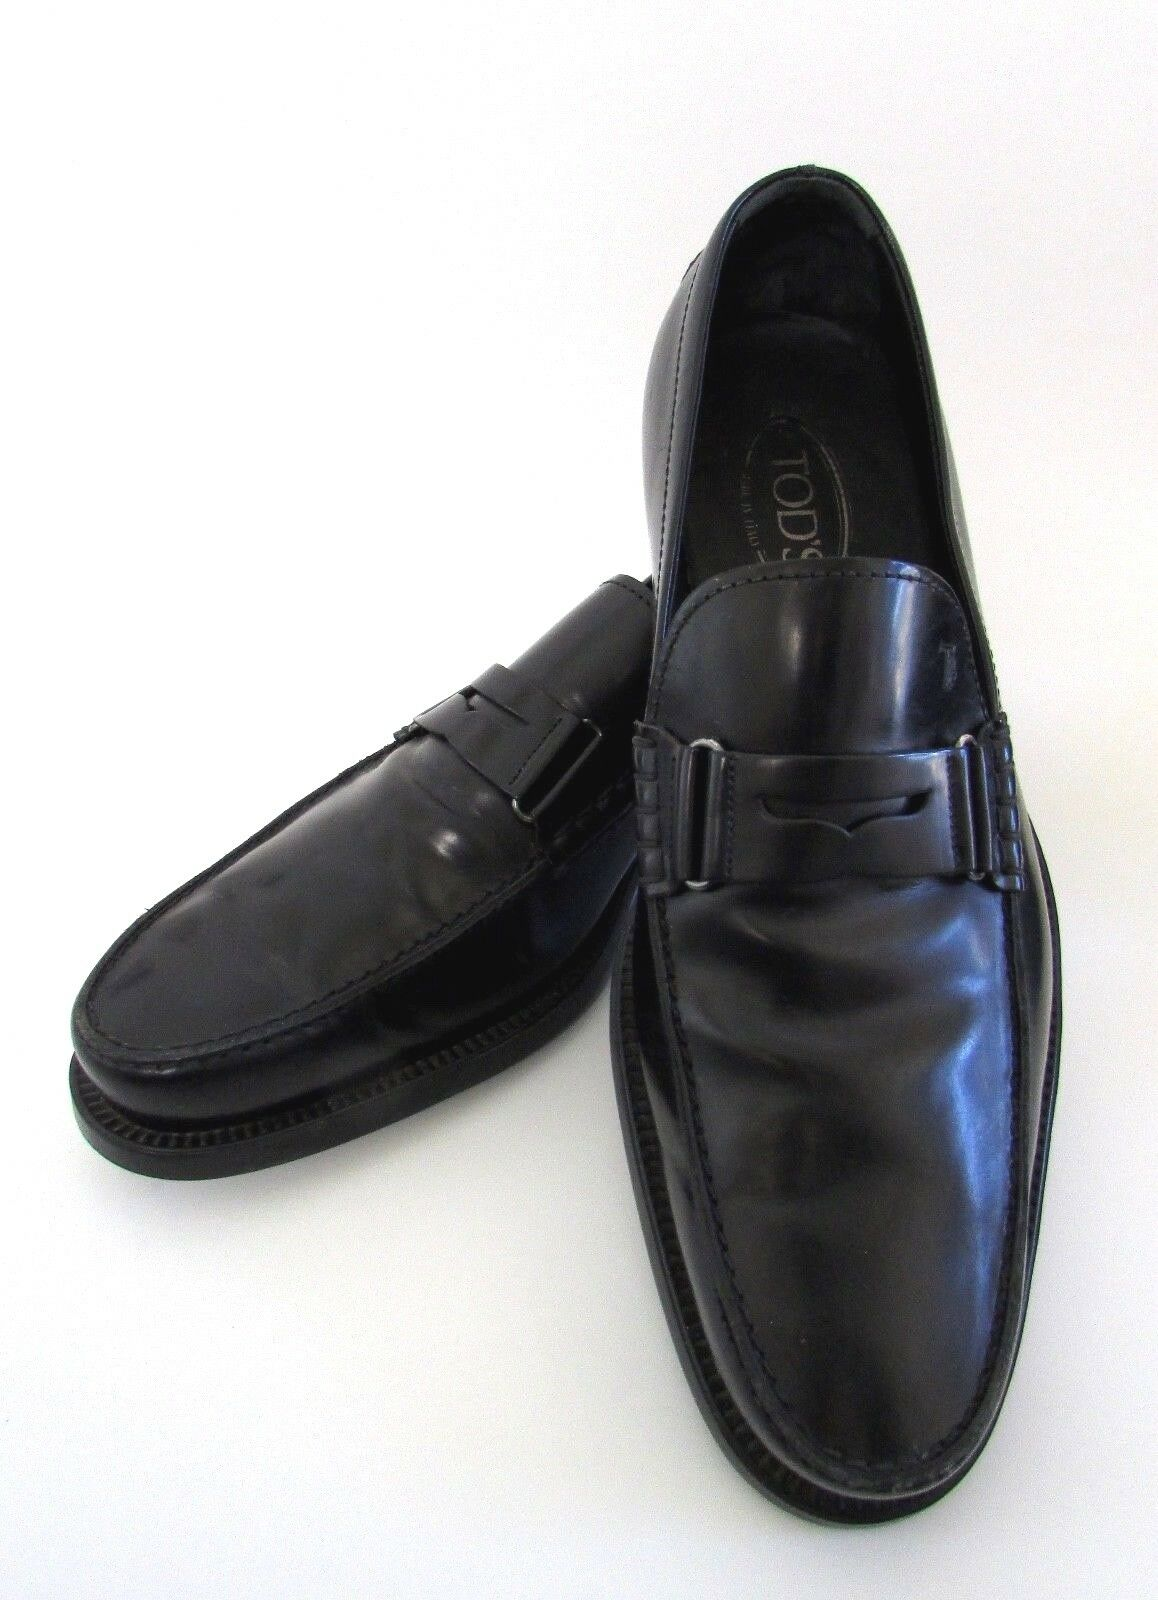 comprare a buon mercato TOD'S  Uomo nero Leather Dress Dress Dress Penny Loafers 10.5  una marca di lusso